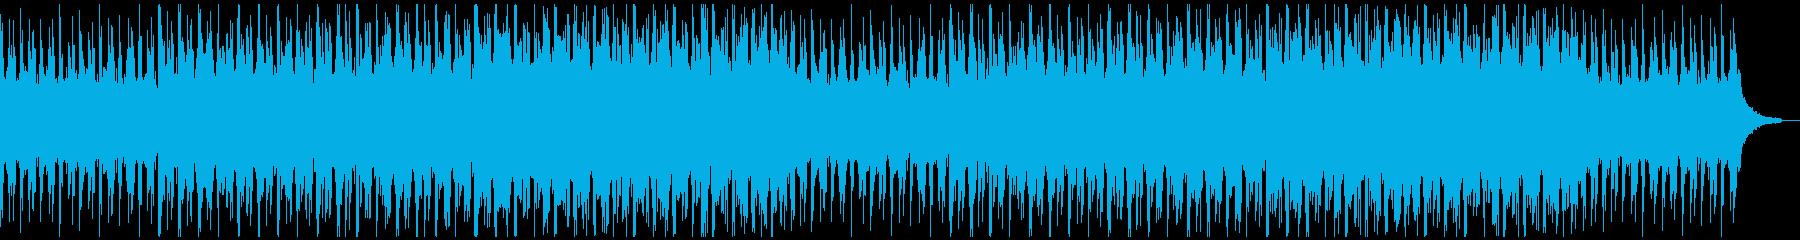 ピアノ/グリッチ/アンビエント/近未来の再生済みの波形